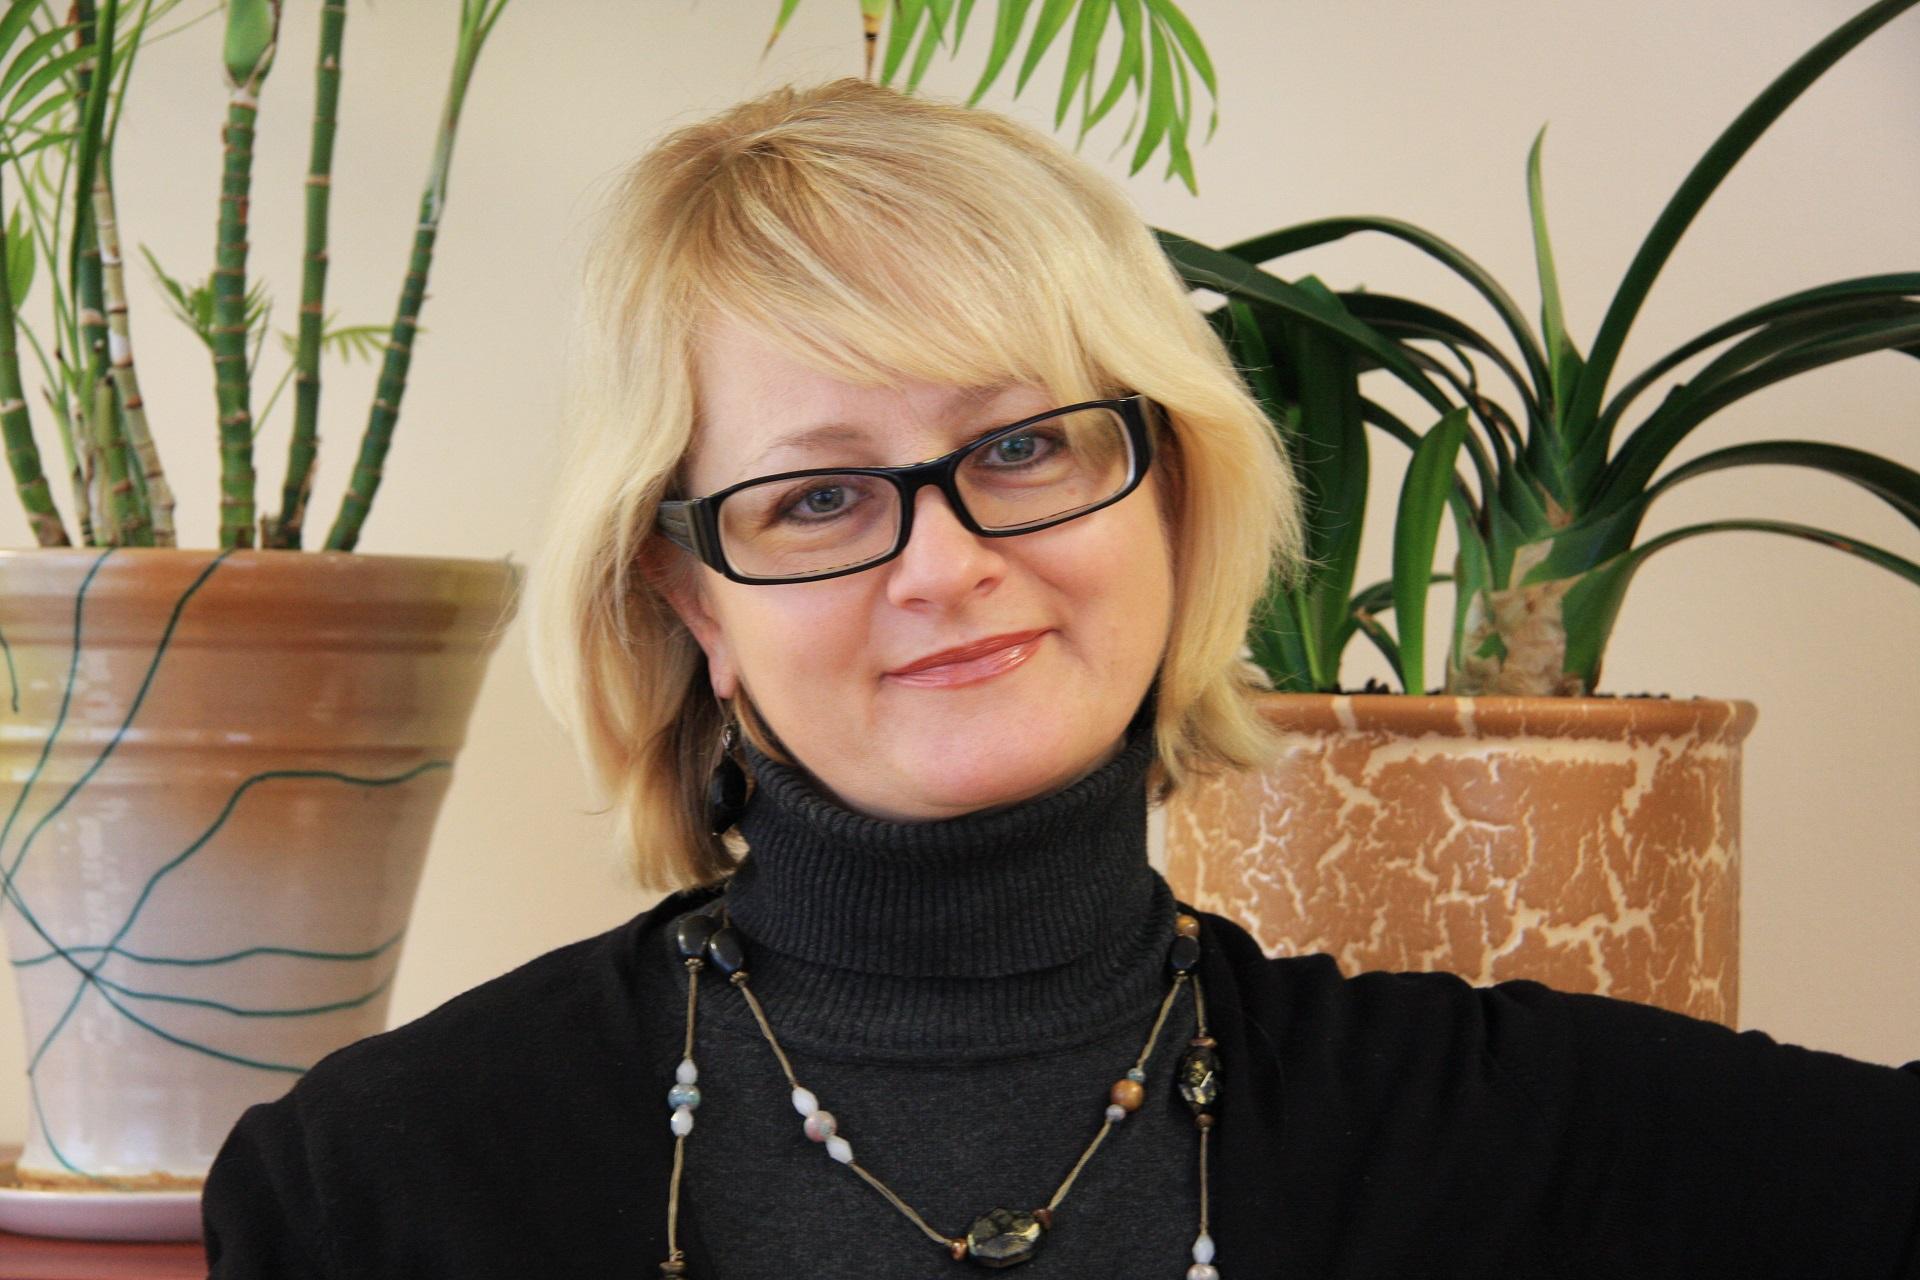 Kaip teigė Milda Jankauskienė, pastaraisiais metais nemažai vyresnių asmenų žino, kokią kvalifikaciją ar kompetencijas norėtų įgyti. / Asmeninio archyvo nuotr.